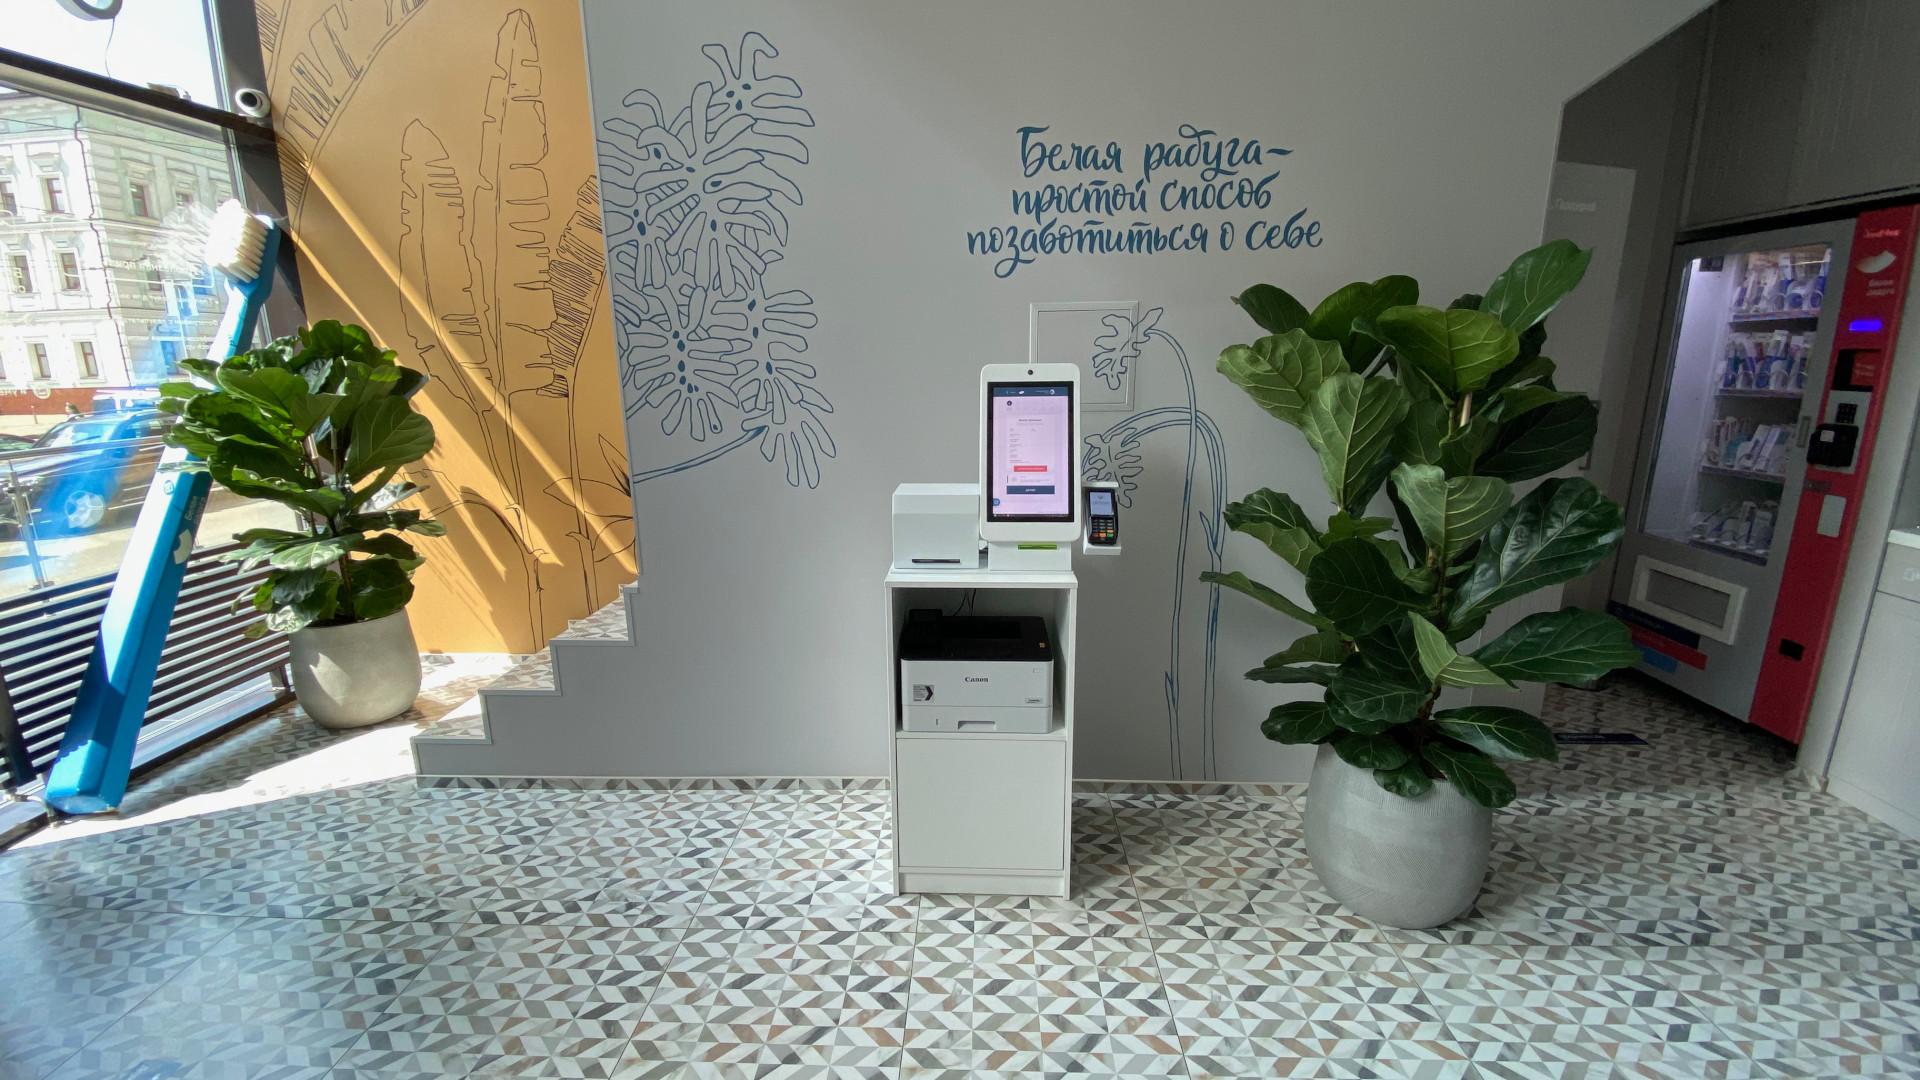 Электронный ресепшен со сканированием паспорта SC-04